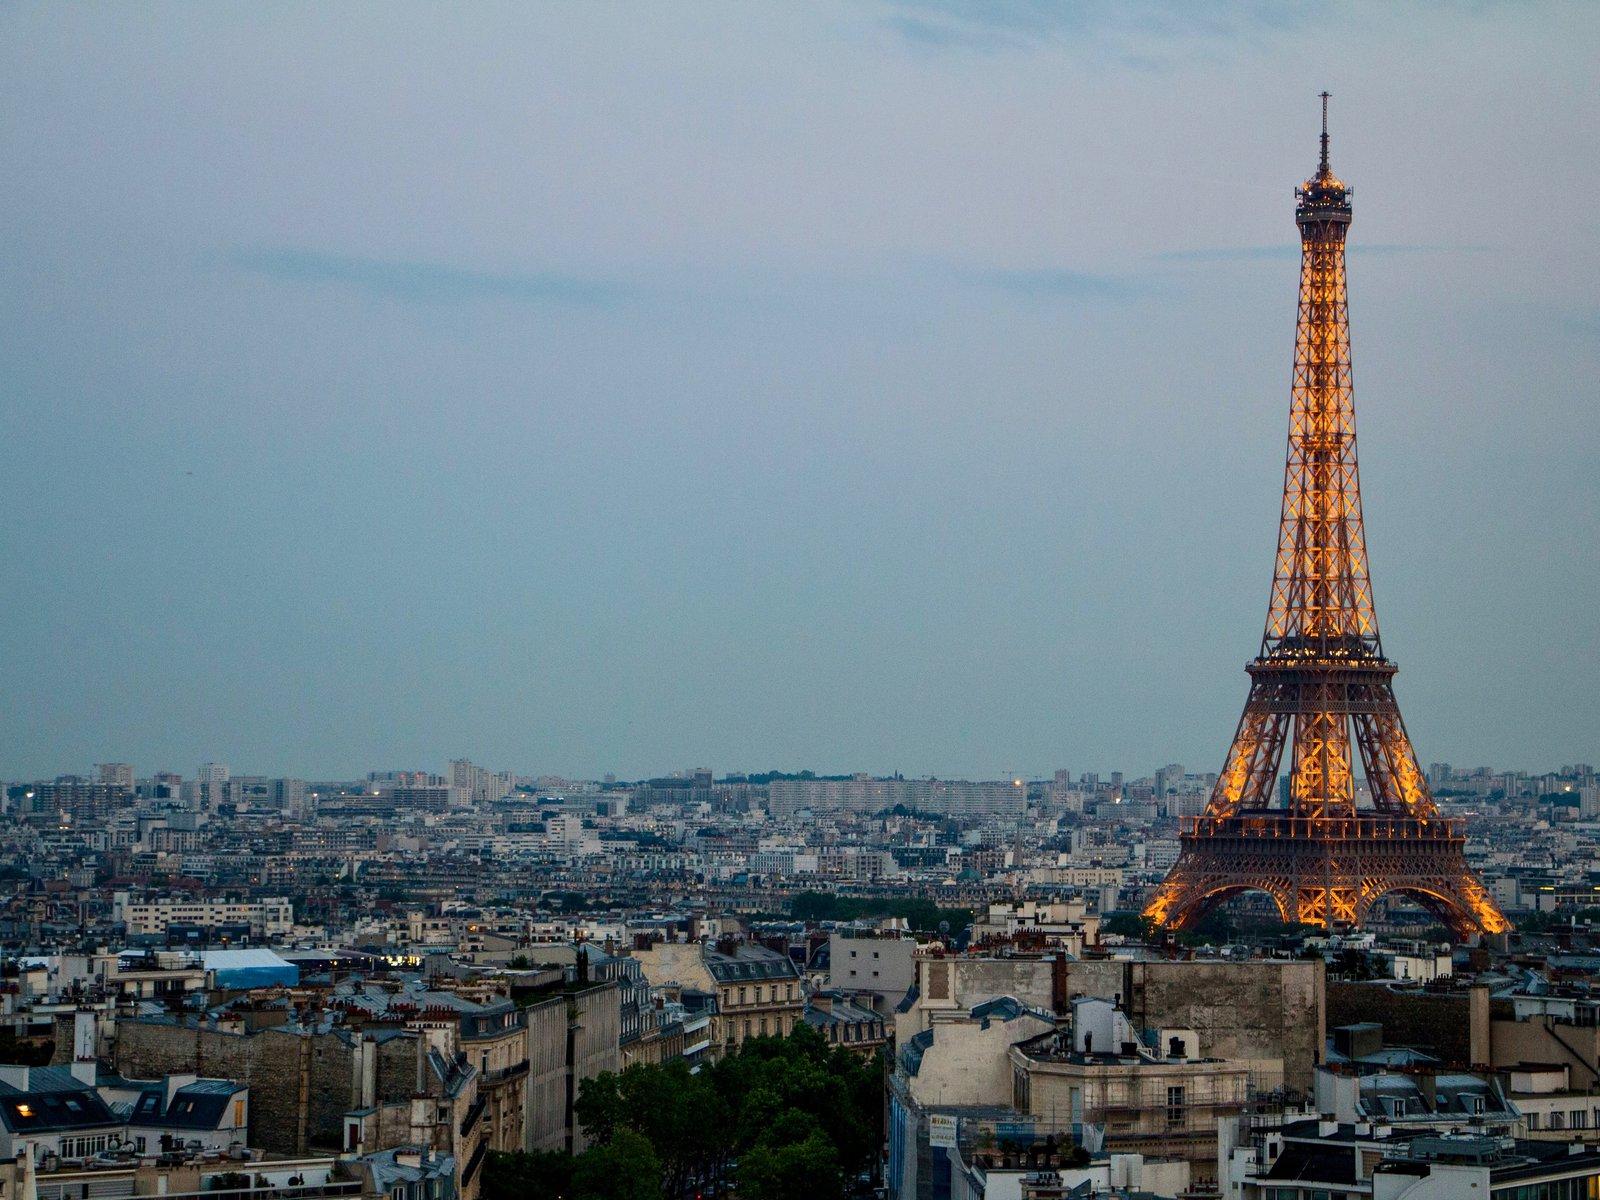 paris-stadt-der-liebe-eiffelturm_mNycYUW.width-1600.jpg